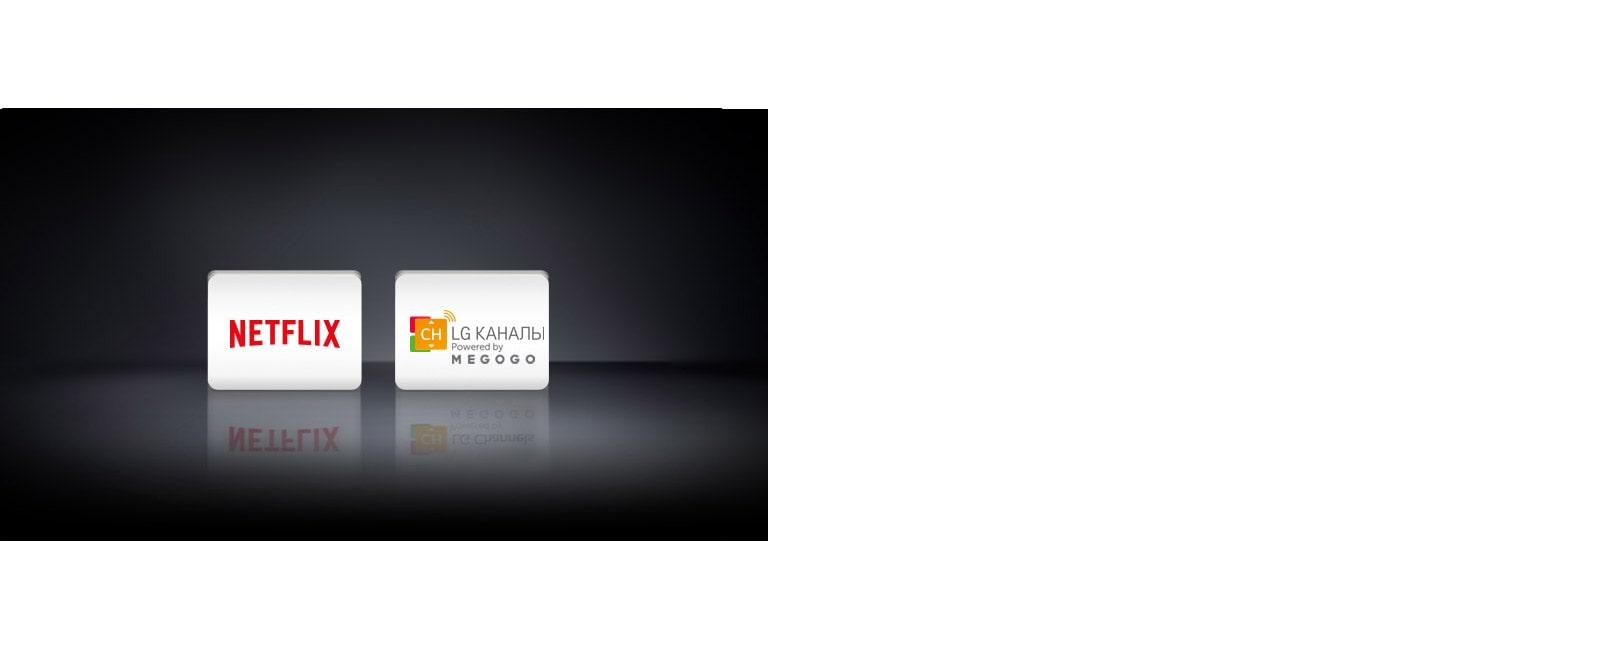 Логотипы трех приложений слева направо: Netflix и LG Channels.